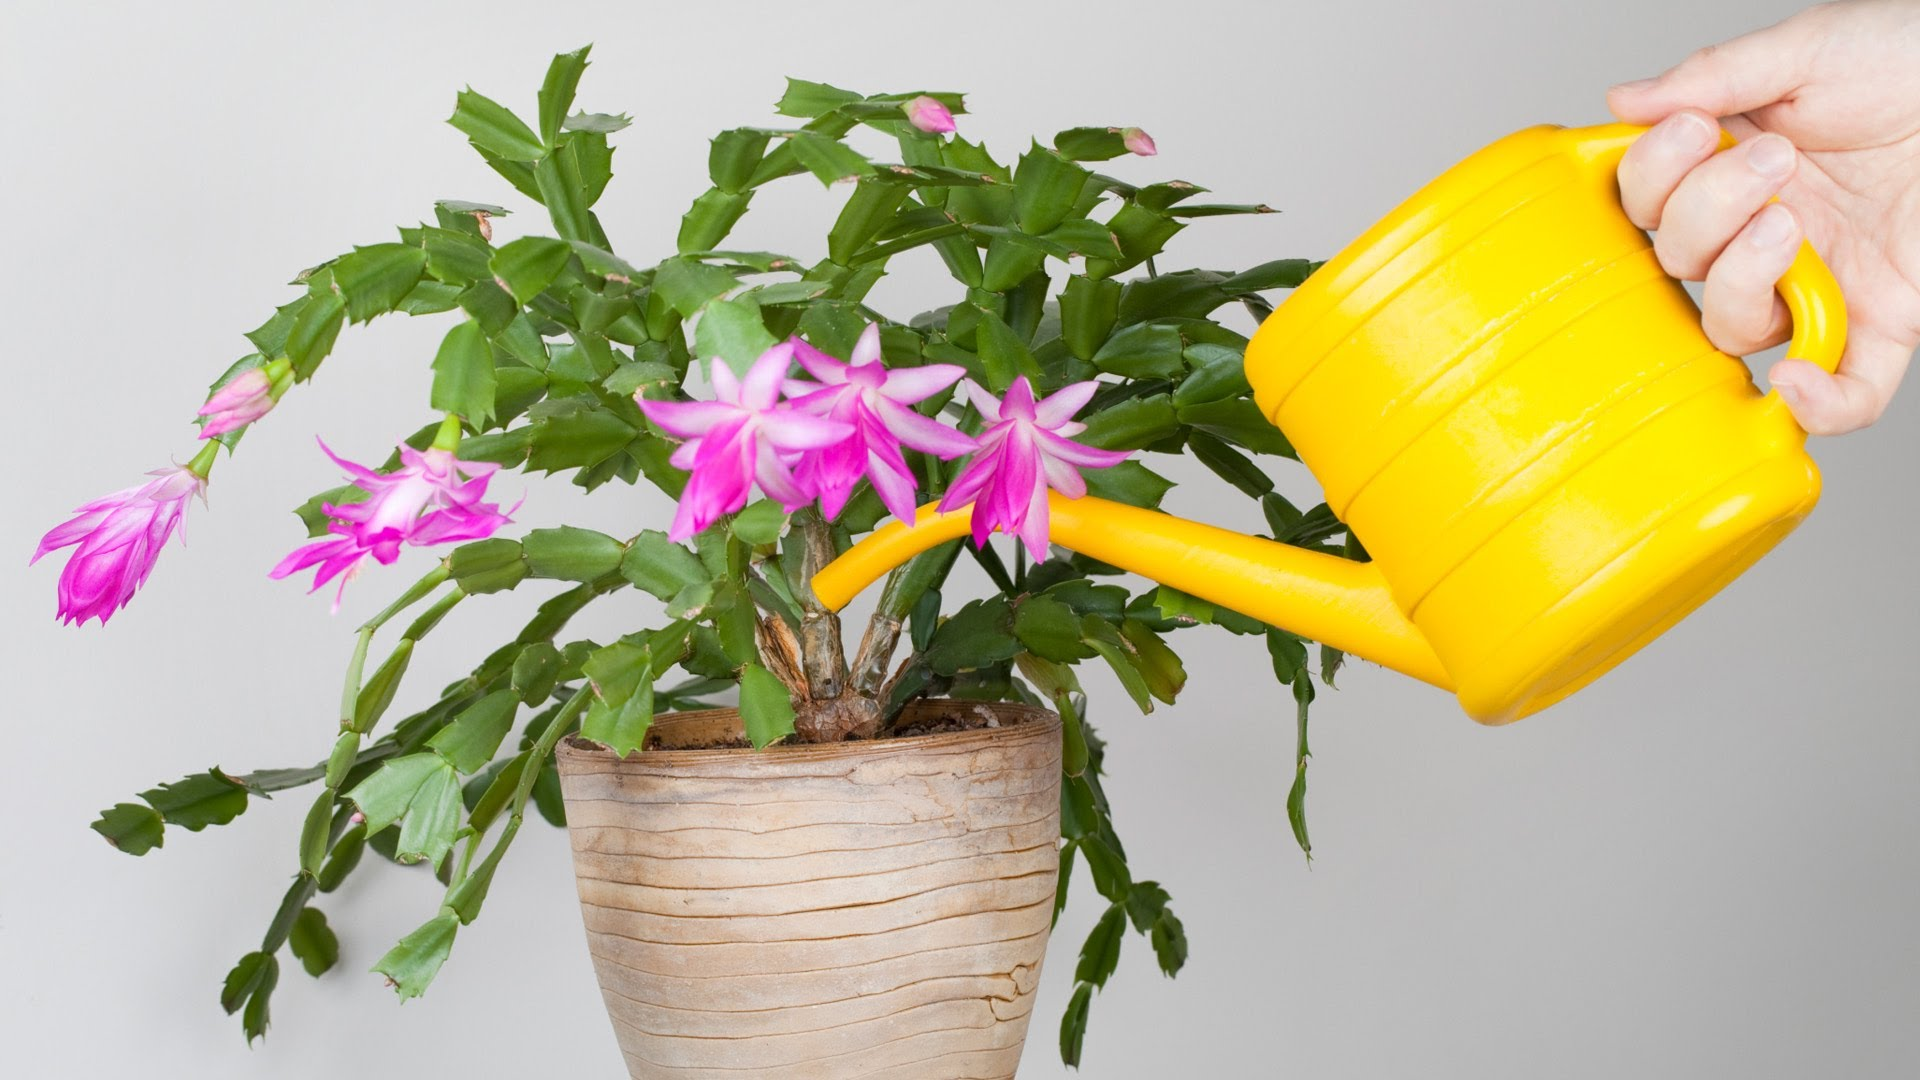 Чем поливать цветы в домашних условиях 252